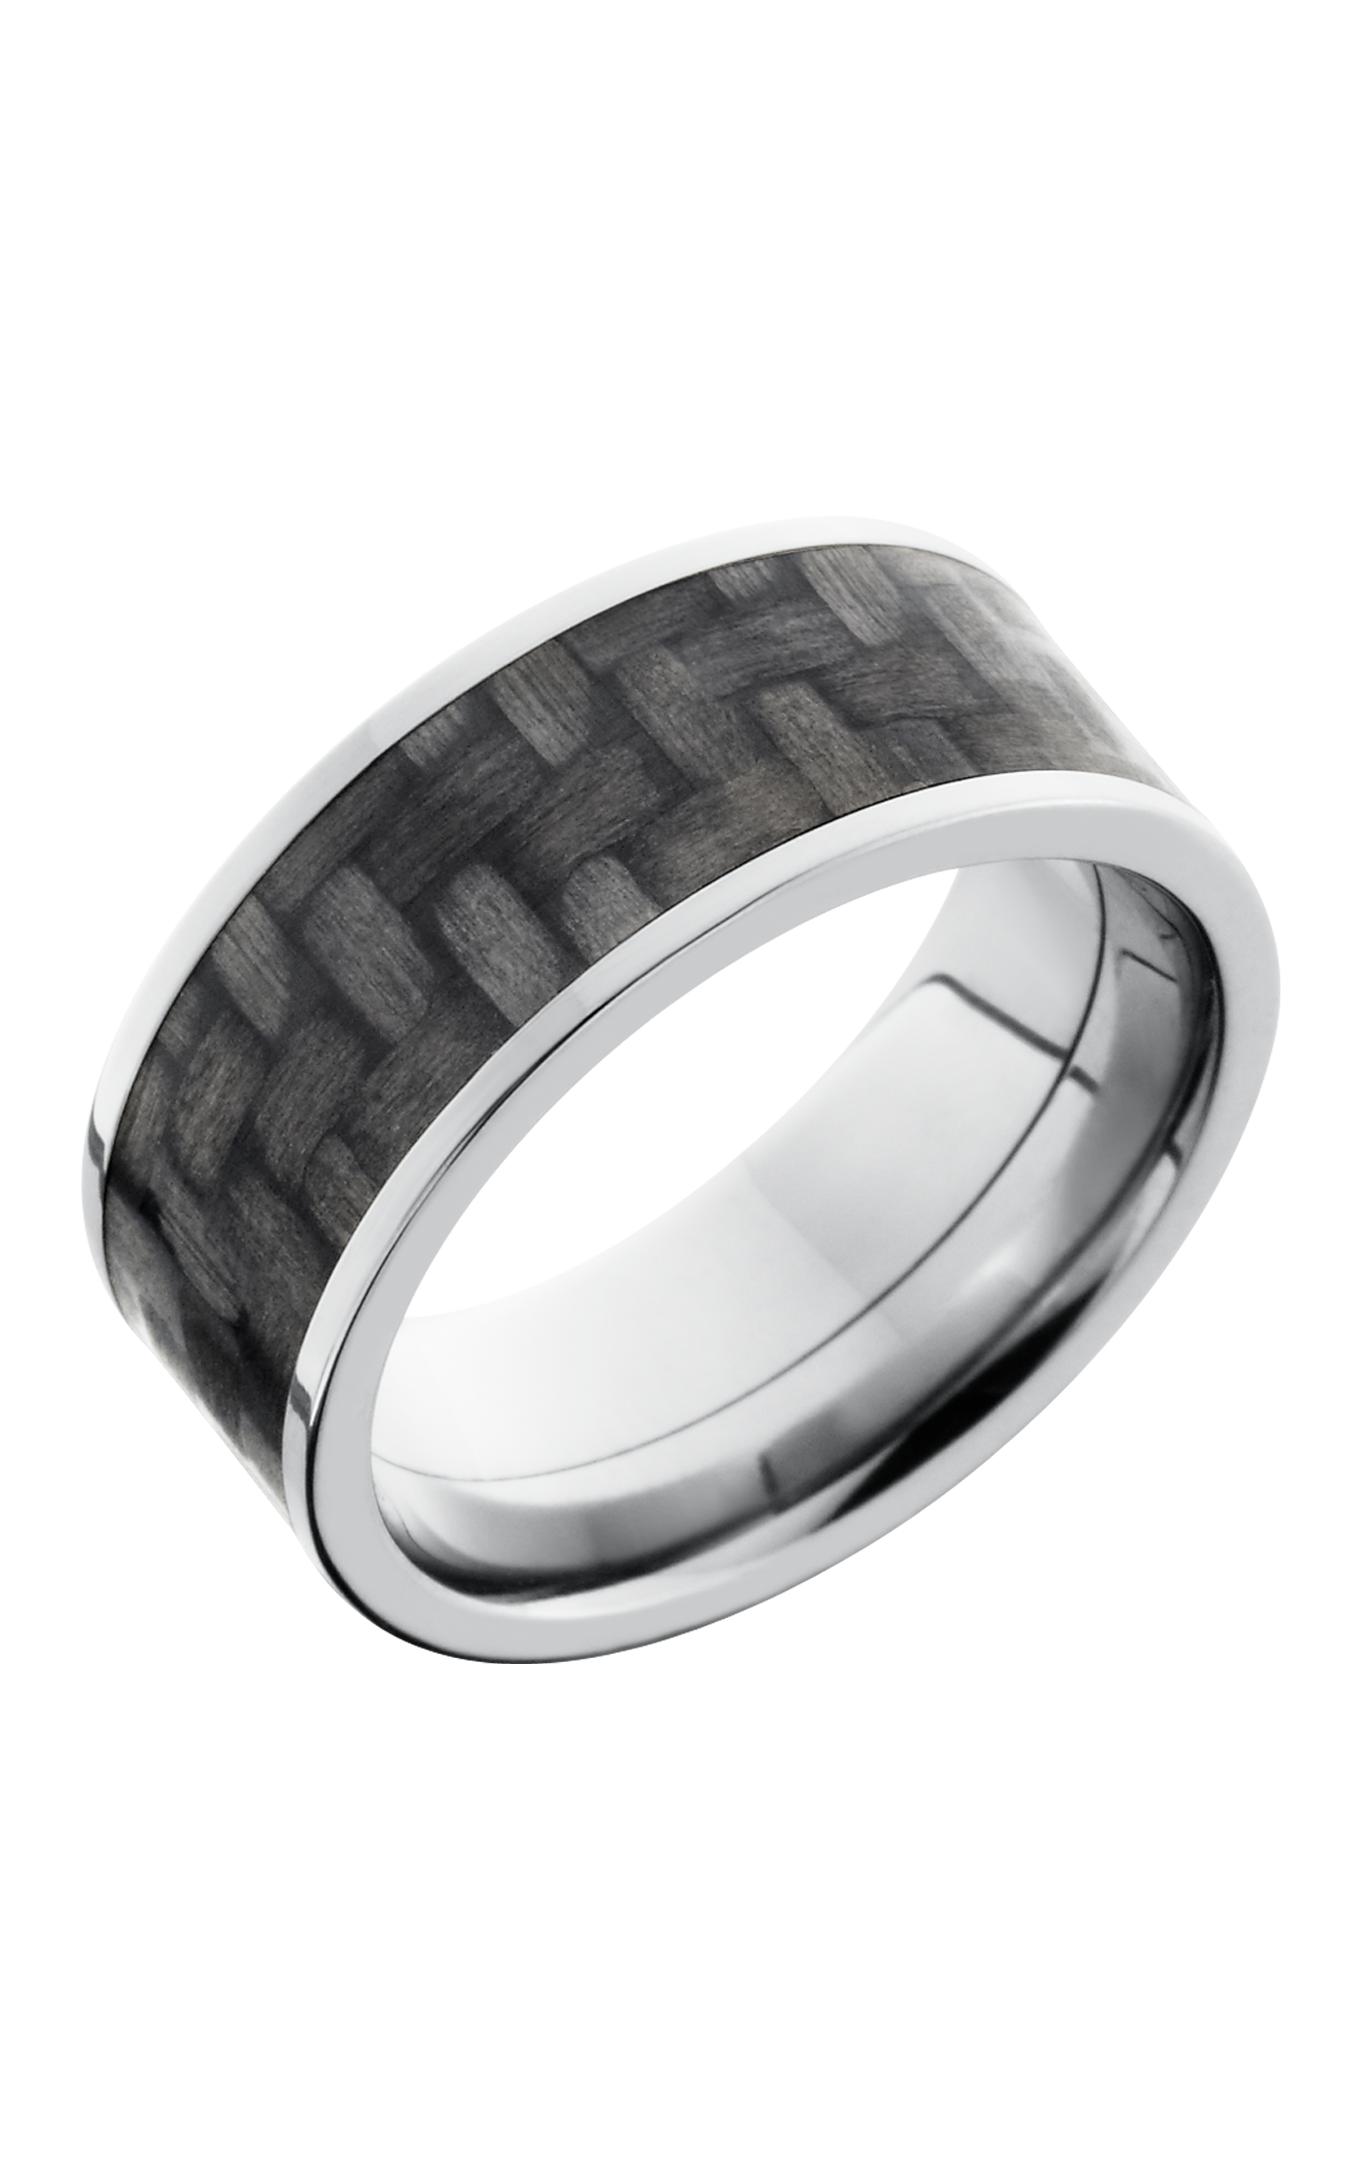 Lashbrook Carbon Fiber Wedding band C9F17 CF POLISH product image